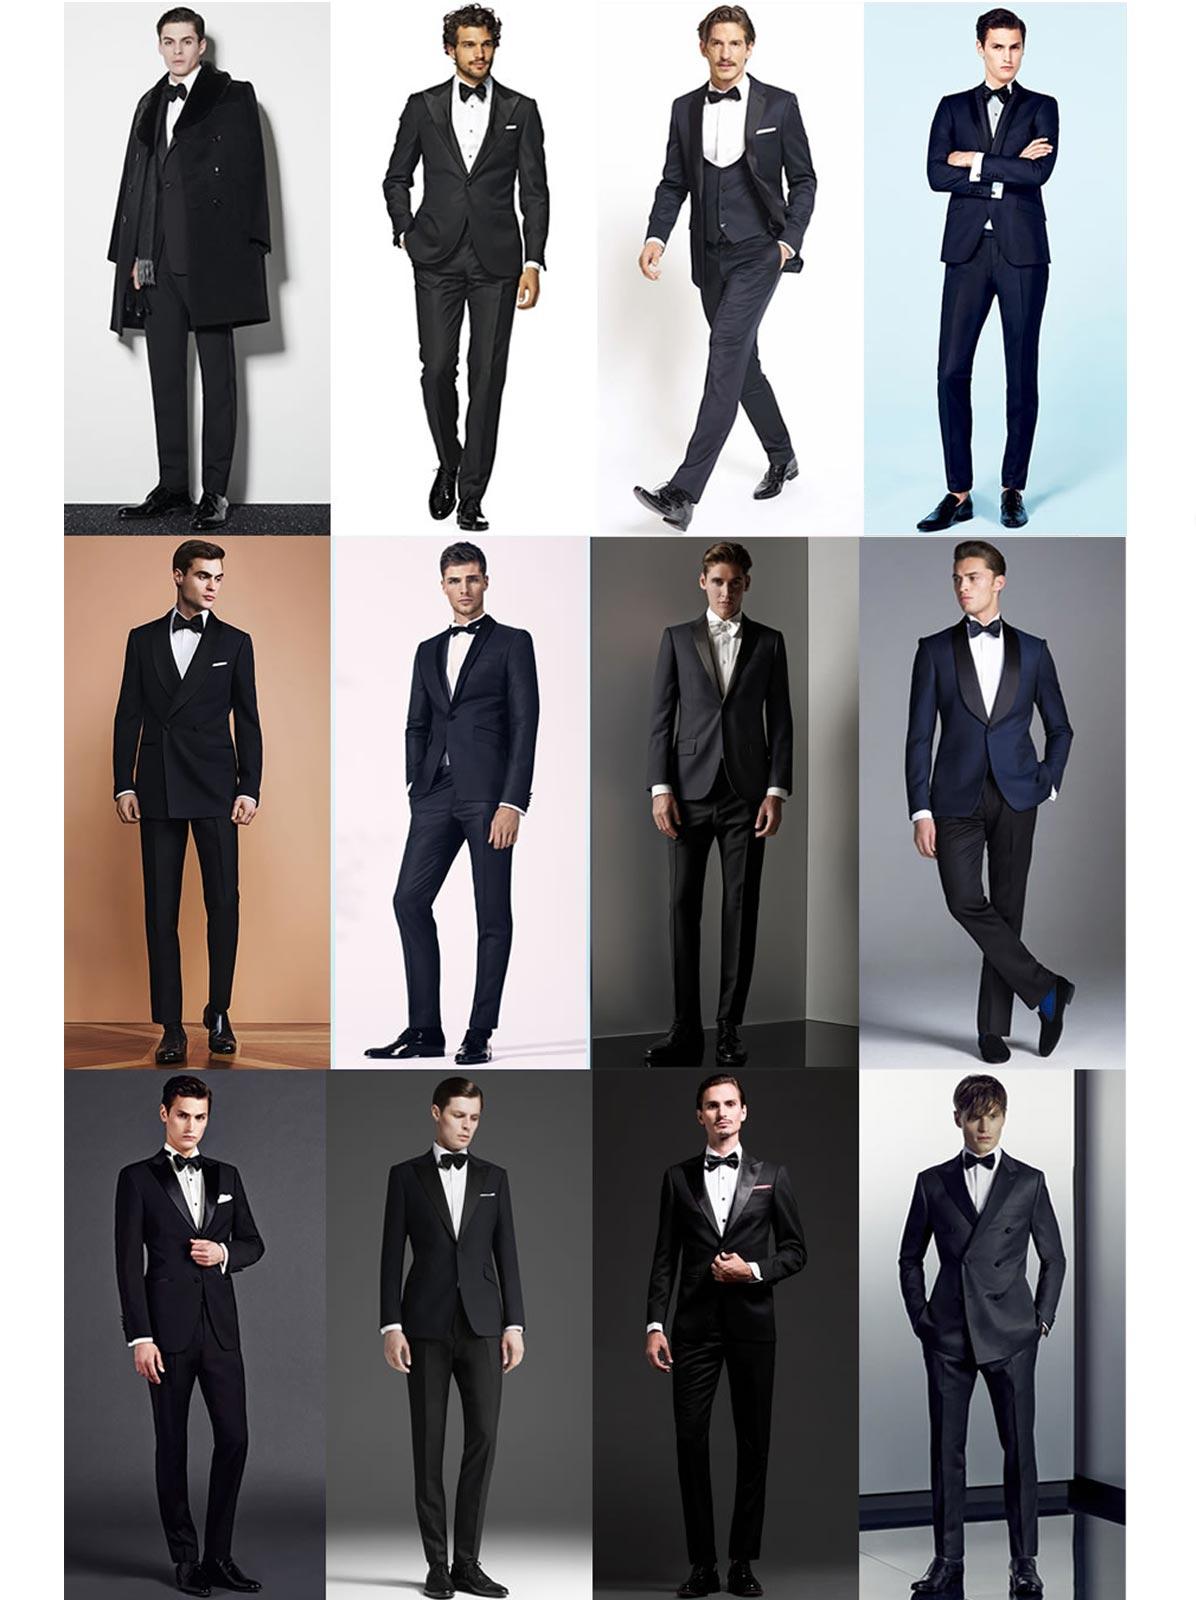 tuxedo-styles.jpg